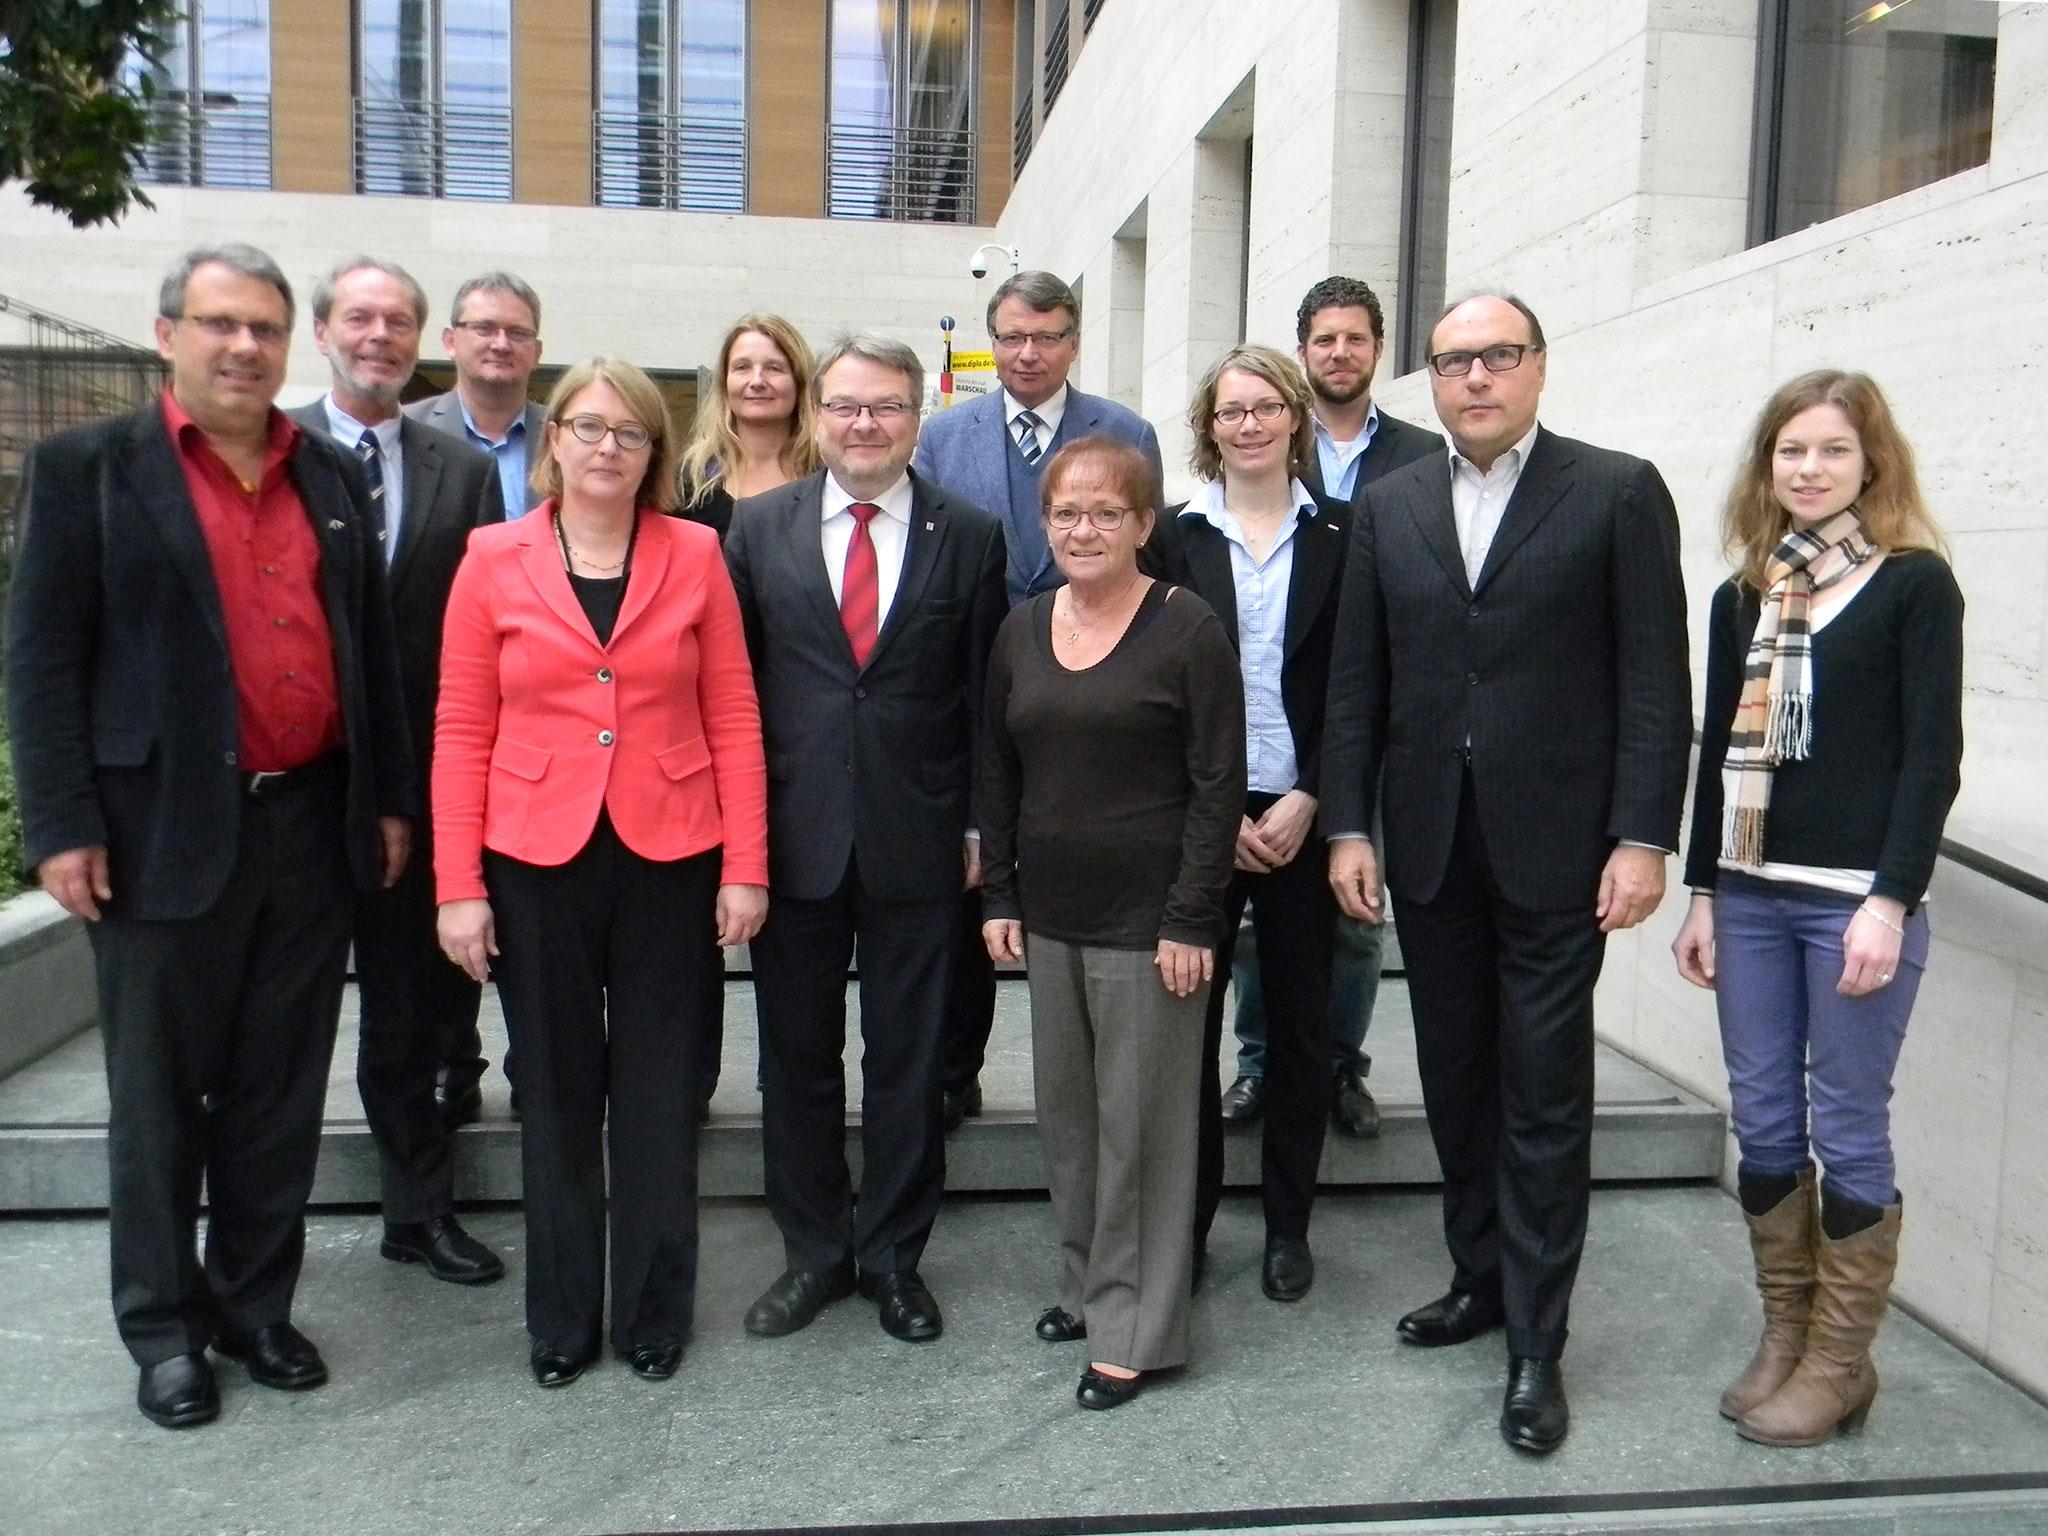 Gruppenfoto mit Botschafterin Antje Leendertse, Bürgermeister Thomas Hermann und der Mayors for Peace-Delegation im Auswärtigen Amt